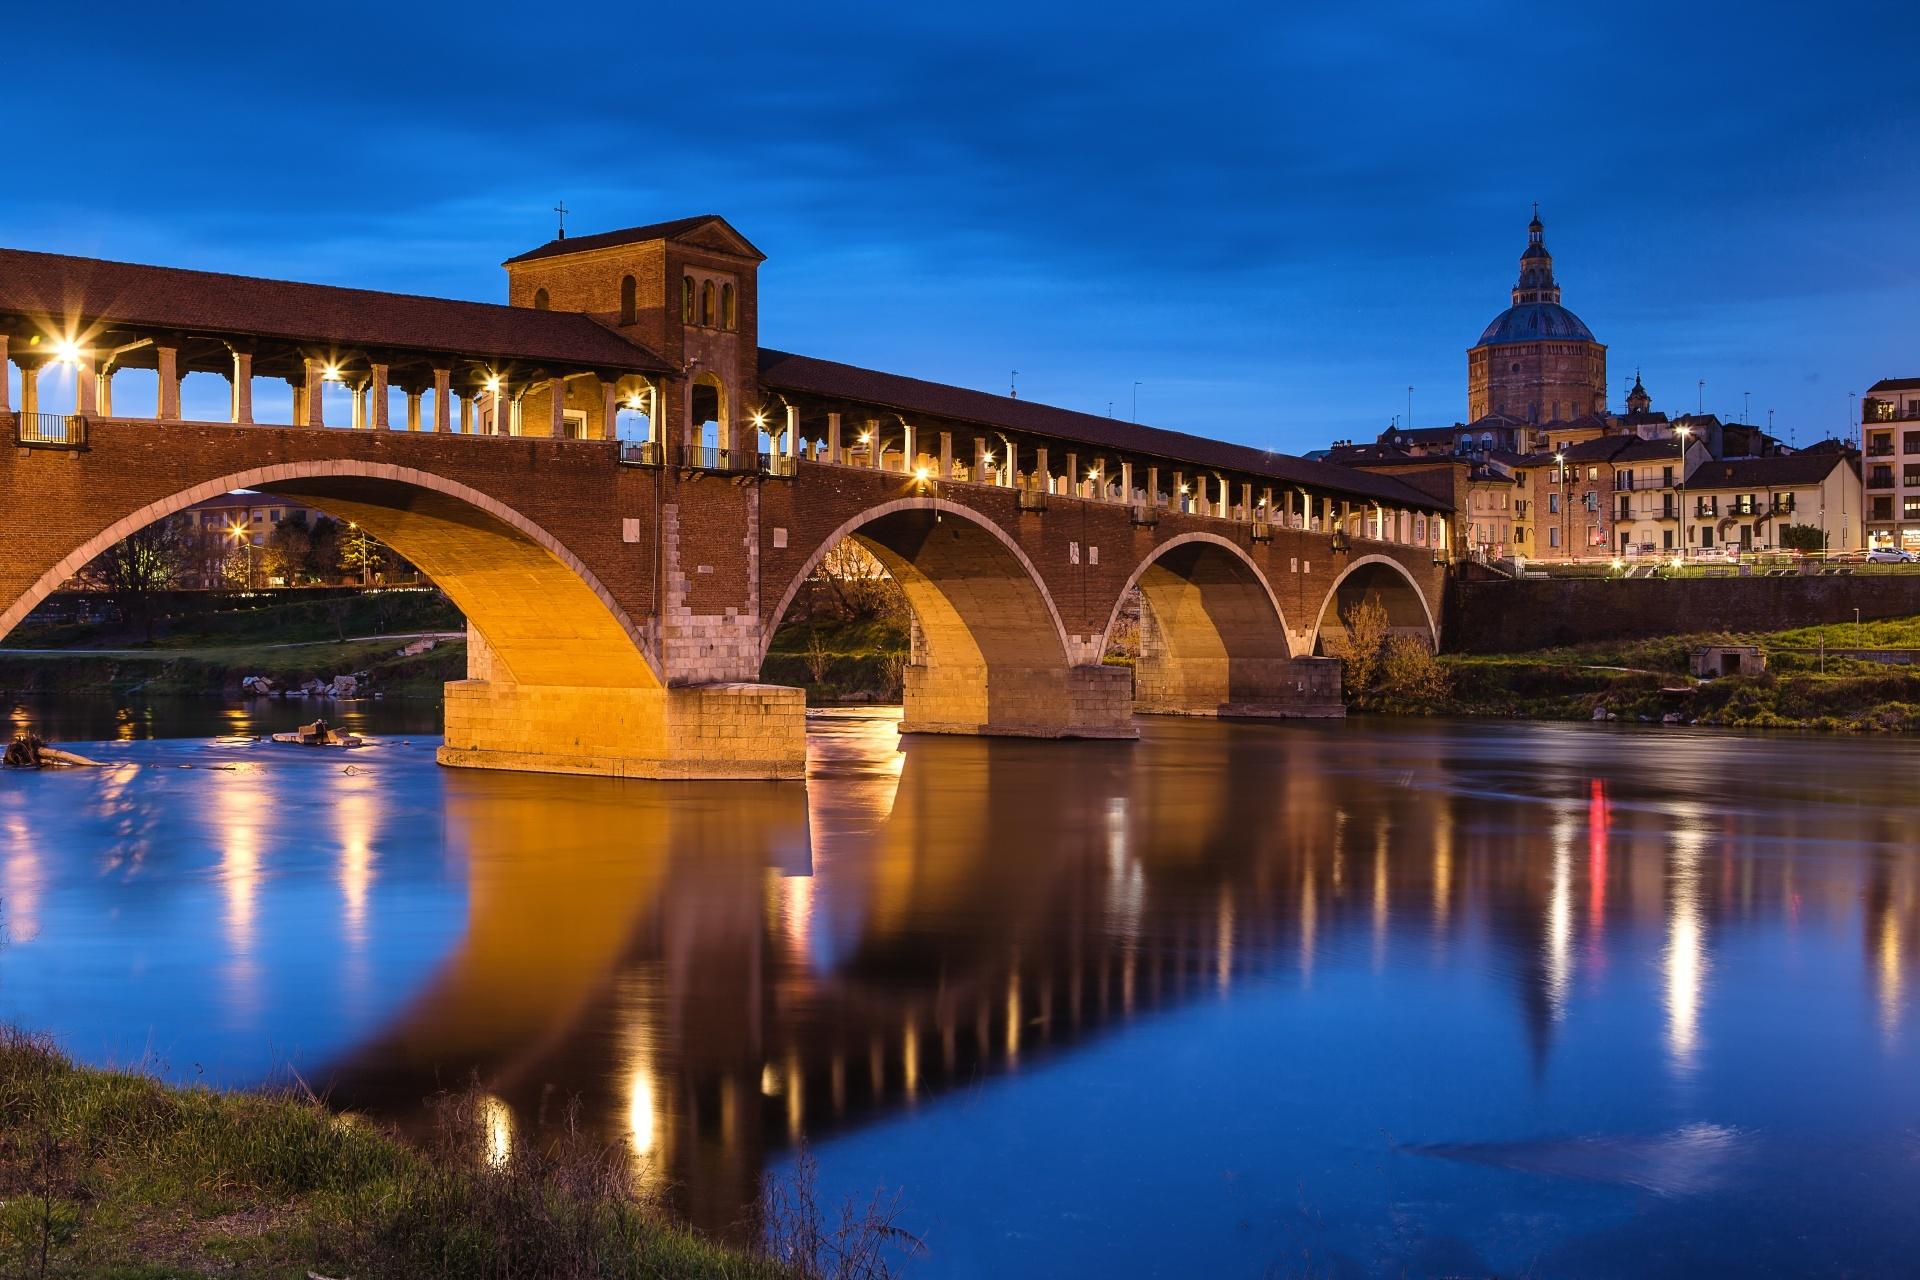 パヴィアのコペルト橋 イタリアの風景